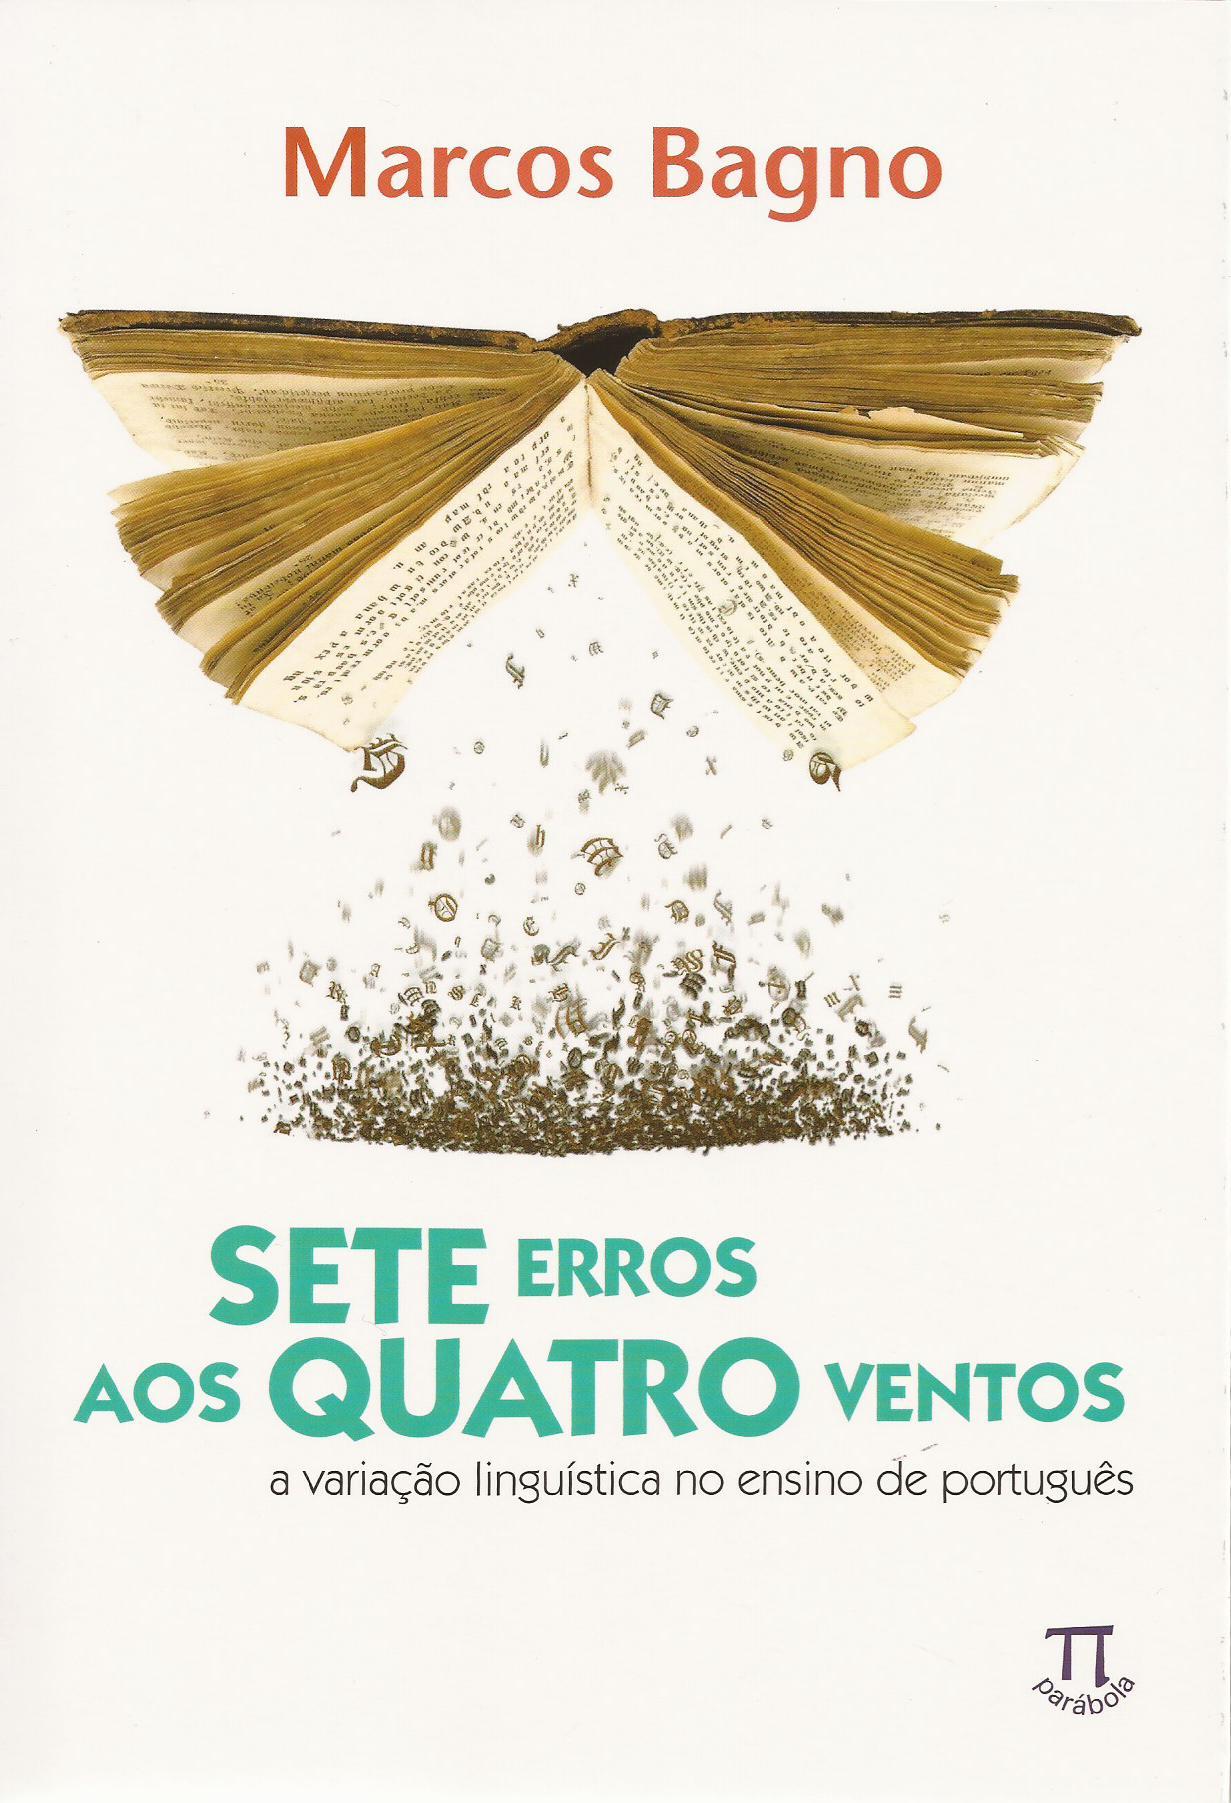 Sete erros aos quatro ventos – a variação linguística no ensino de português